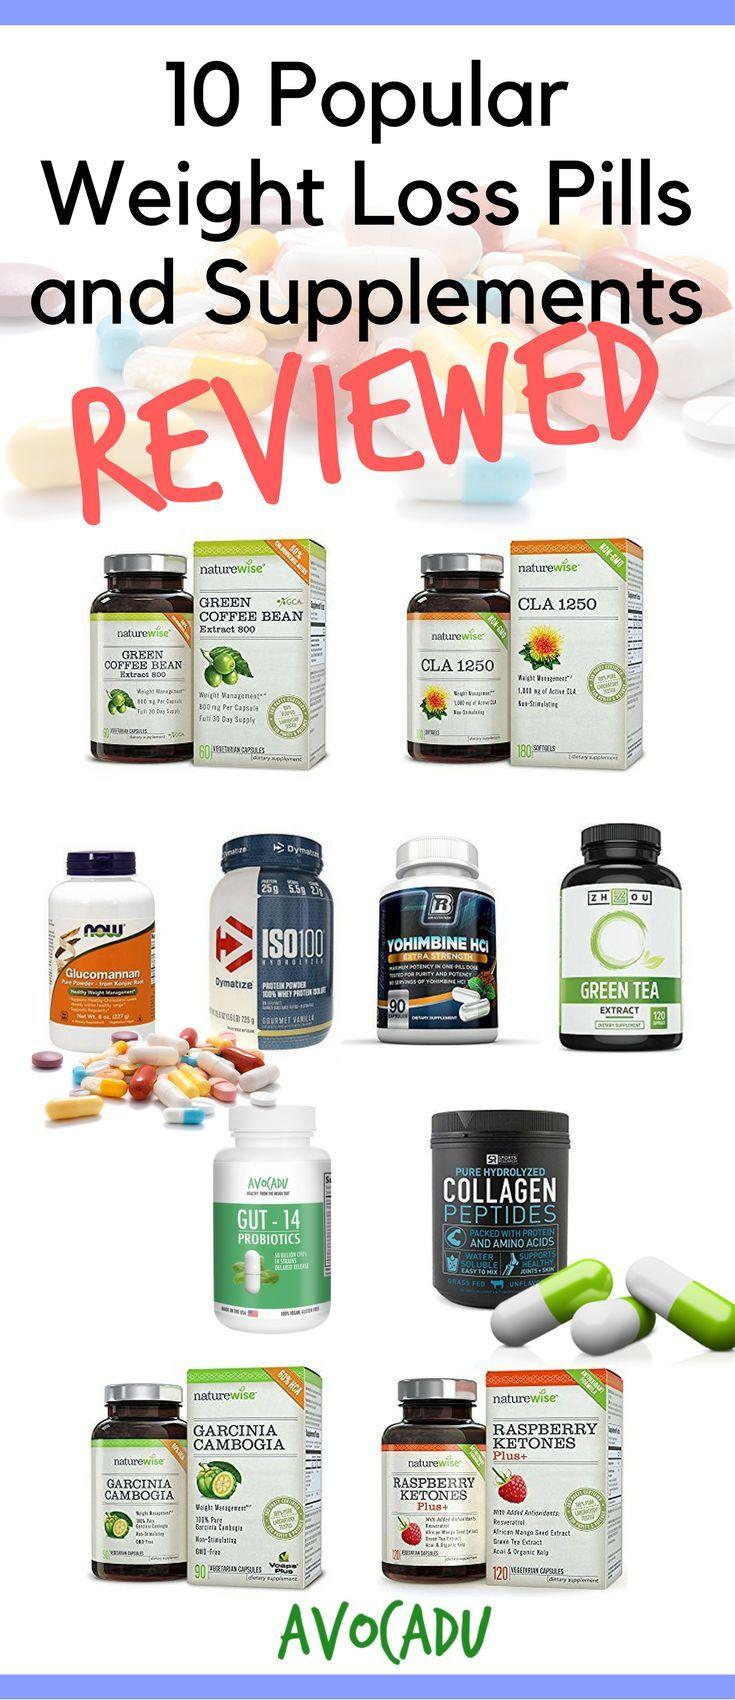 10 popular weight loss pills and supplements reviewed | avocadu